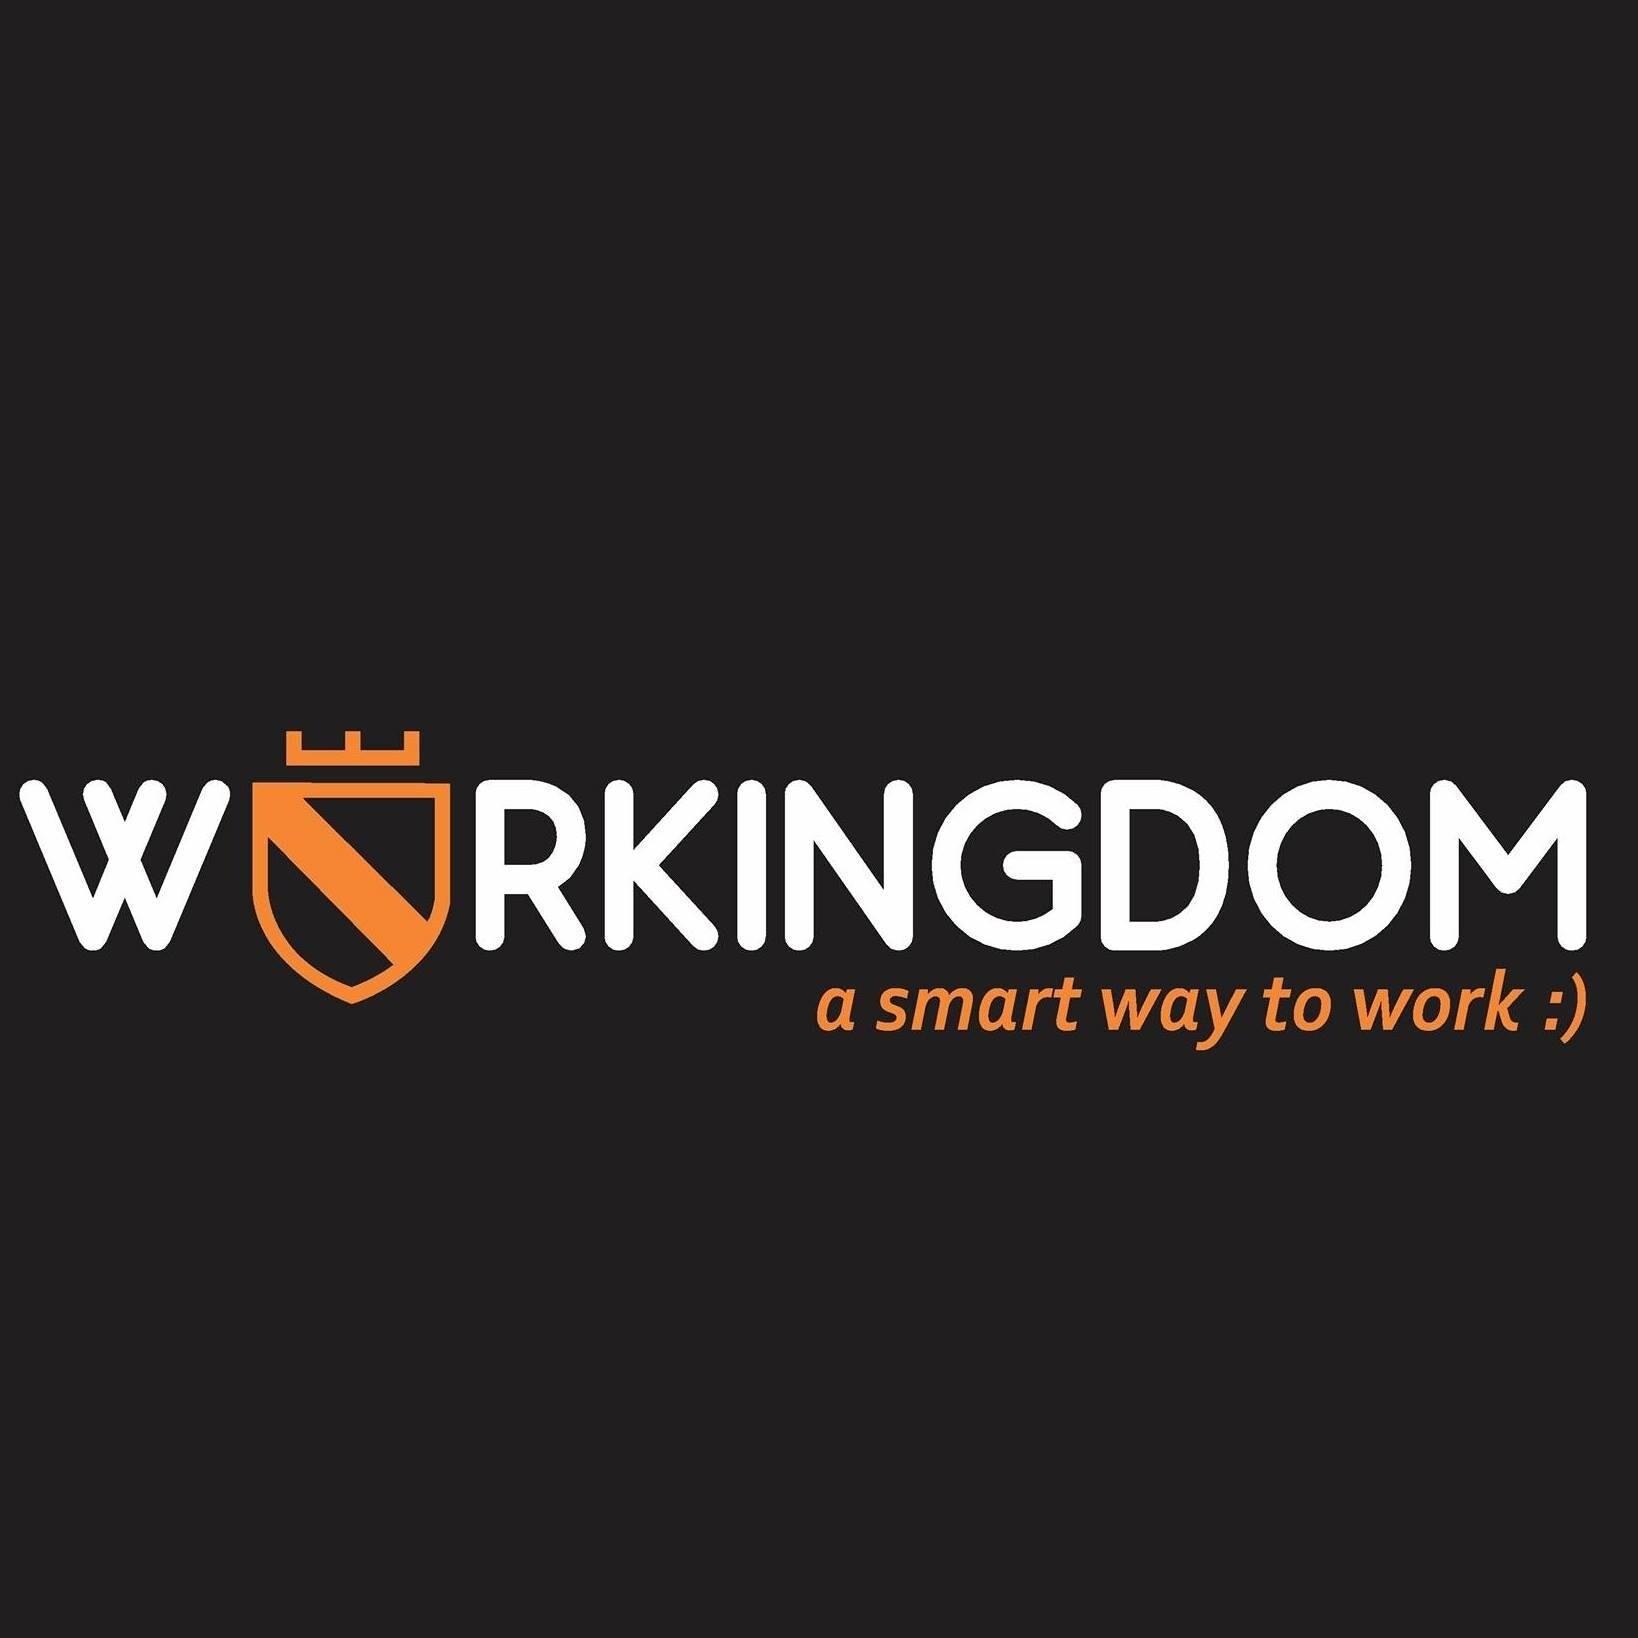 Workingdom